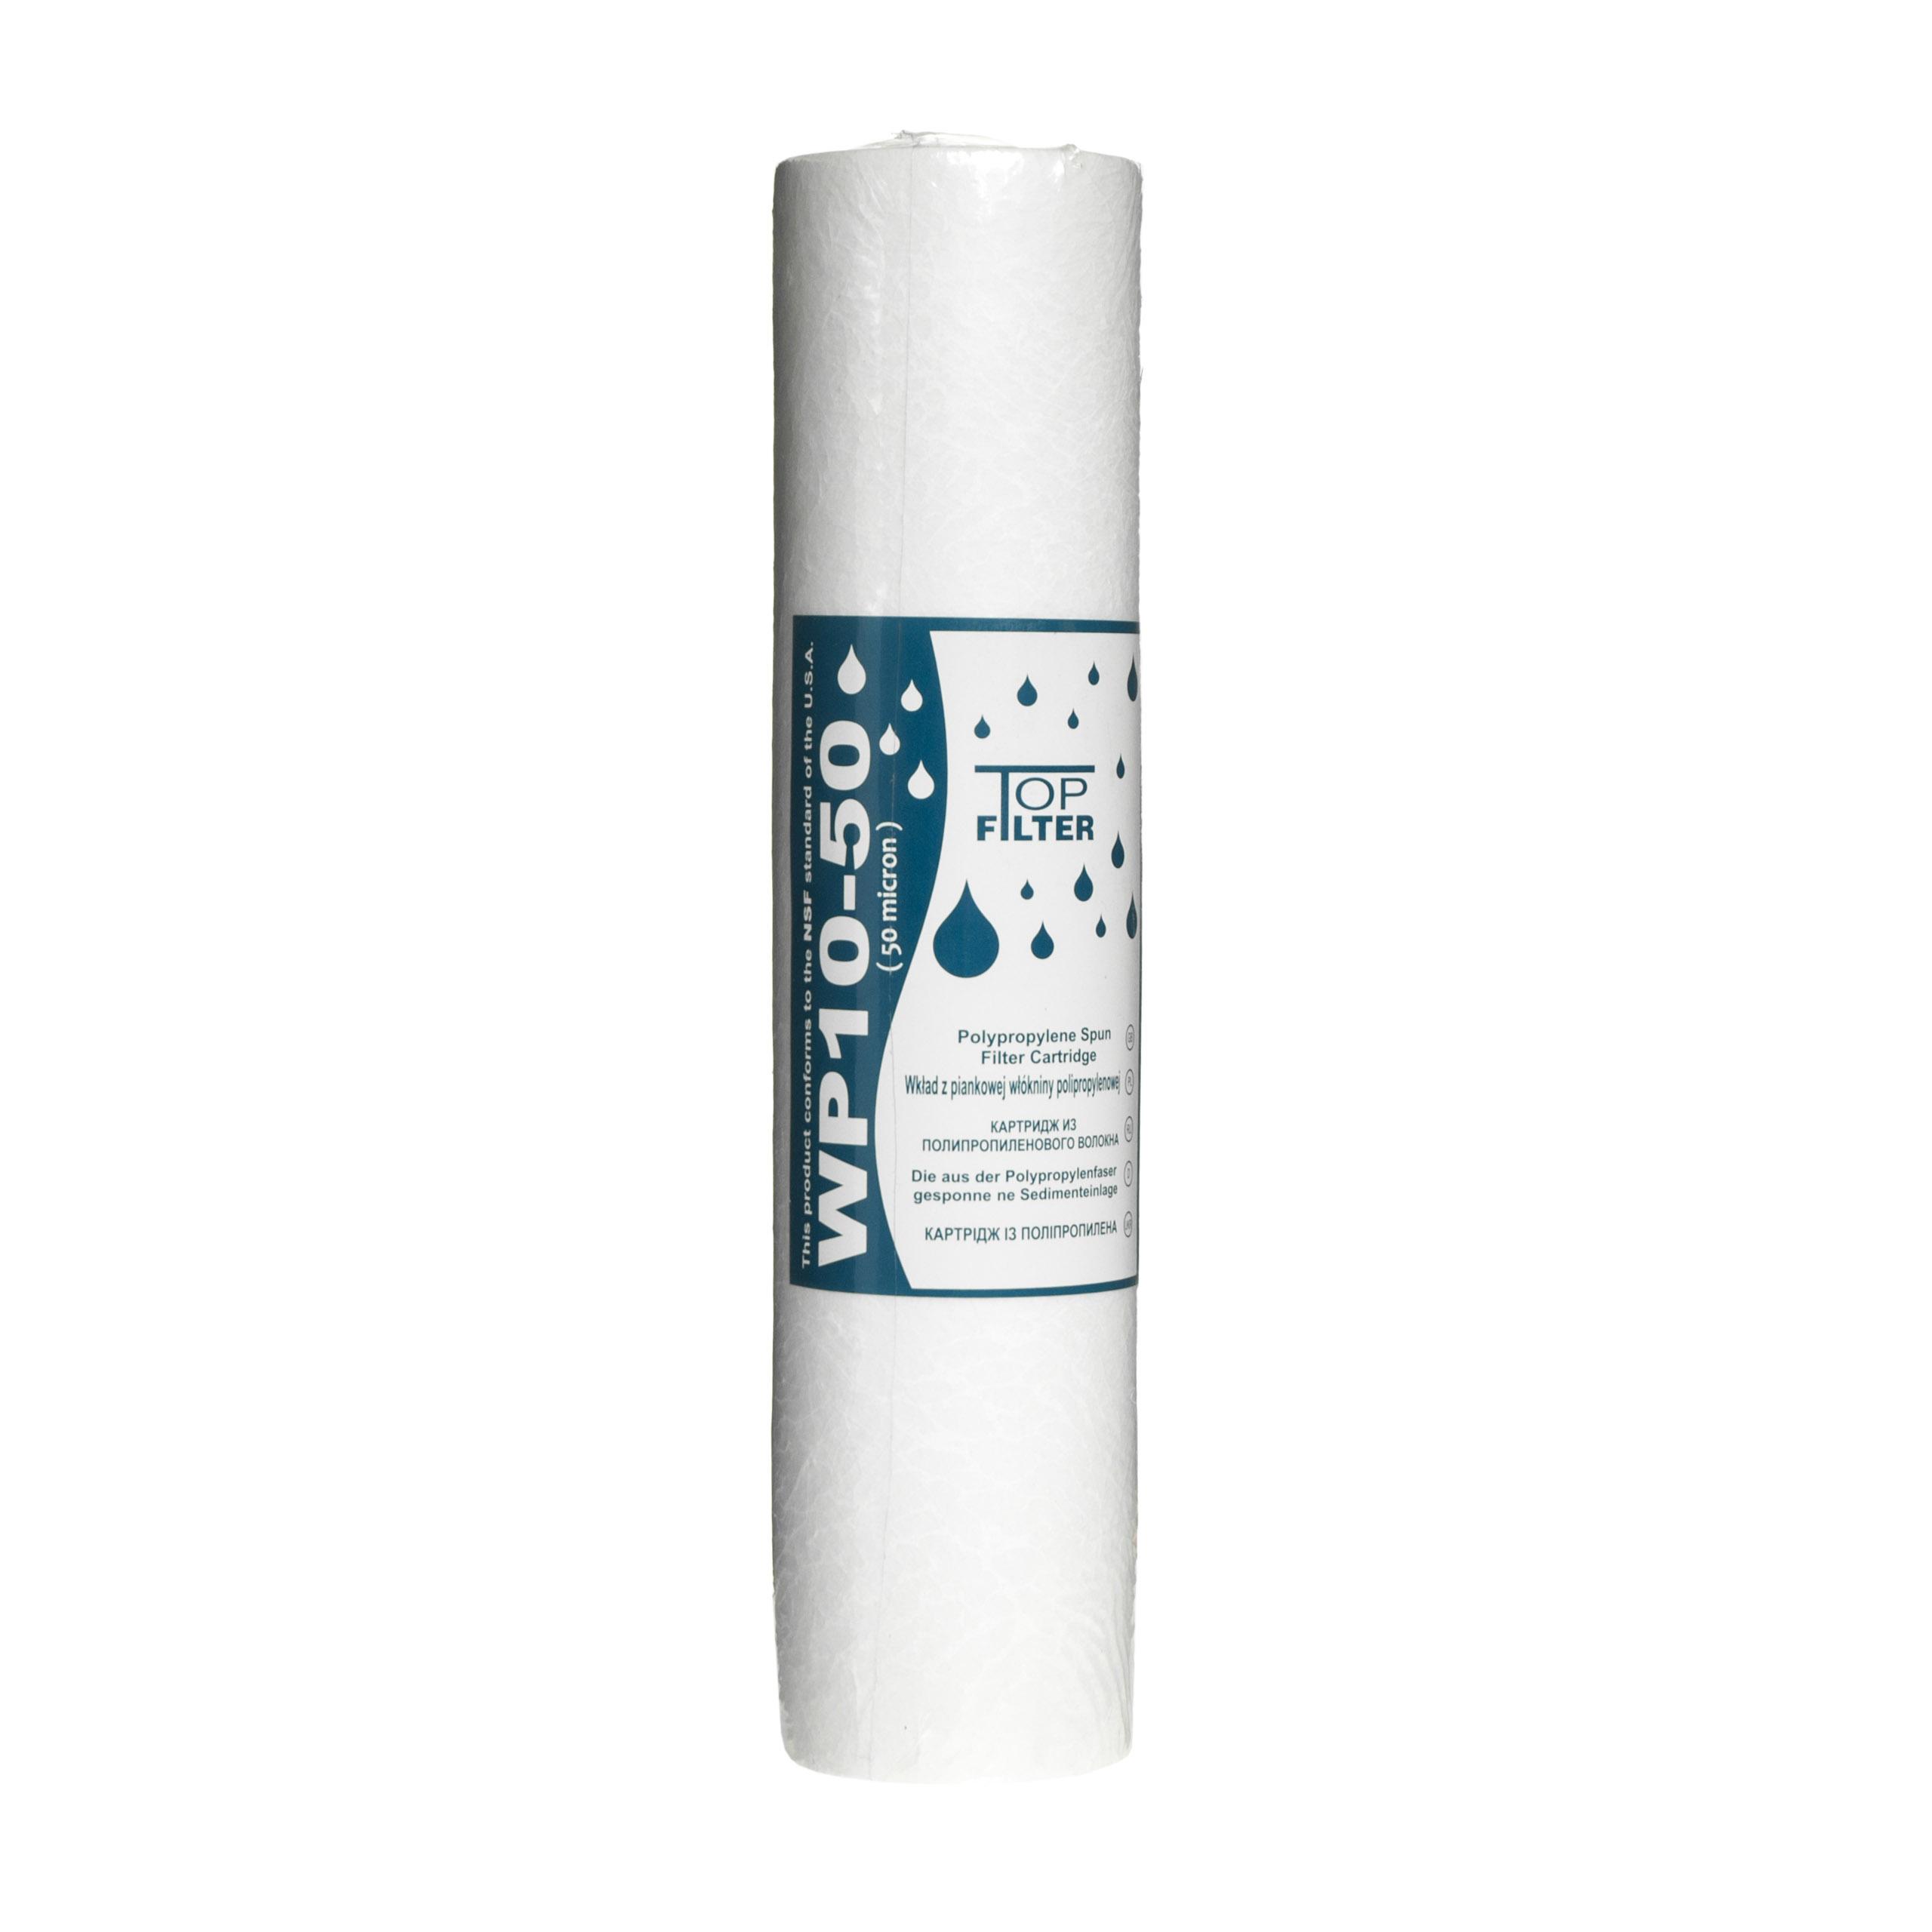 Filter Príspevok polypropylénovej peny Osmóza 50 MI